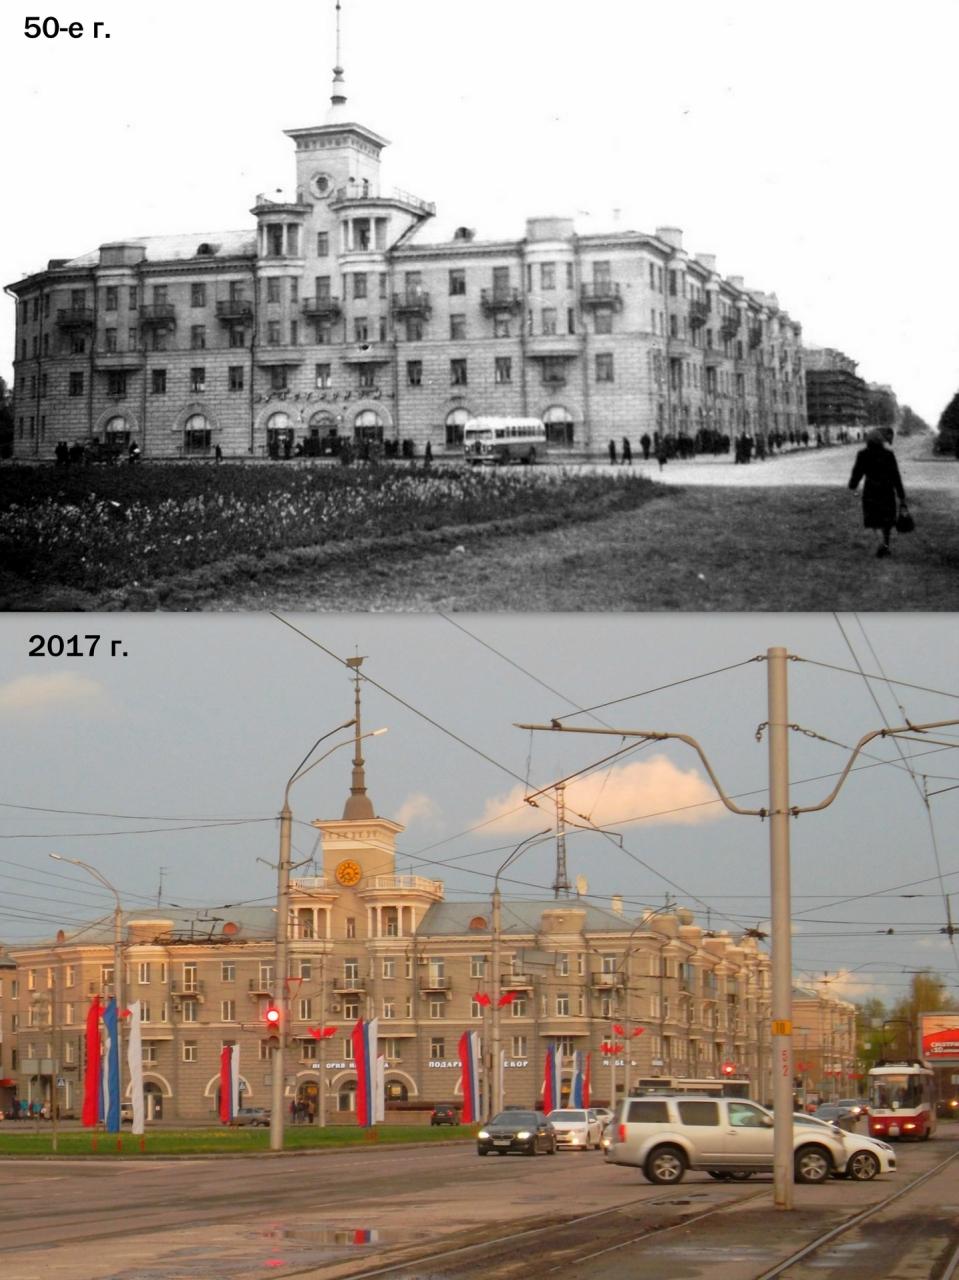 http://images.vfl.ru/ii/1506546709/d6831074/18771774.jpg